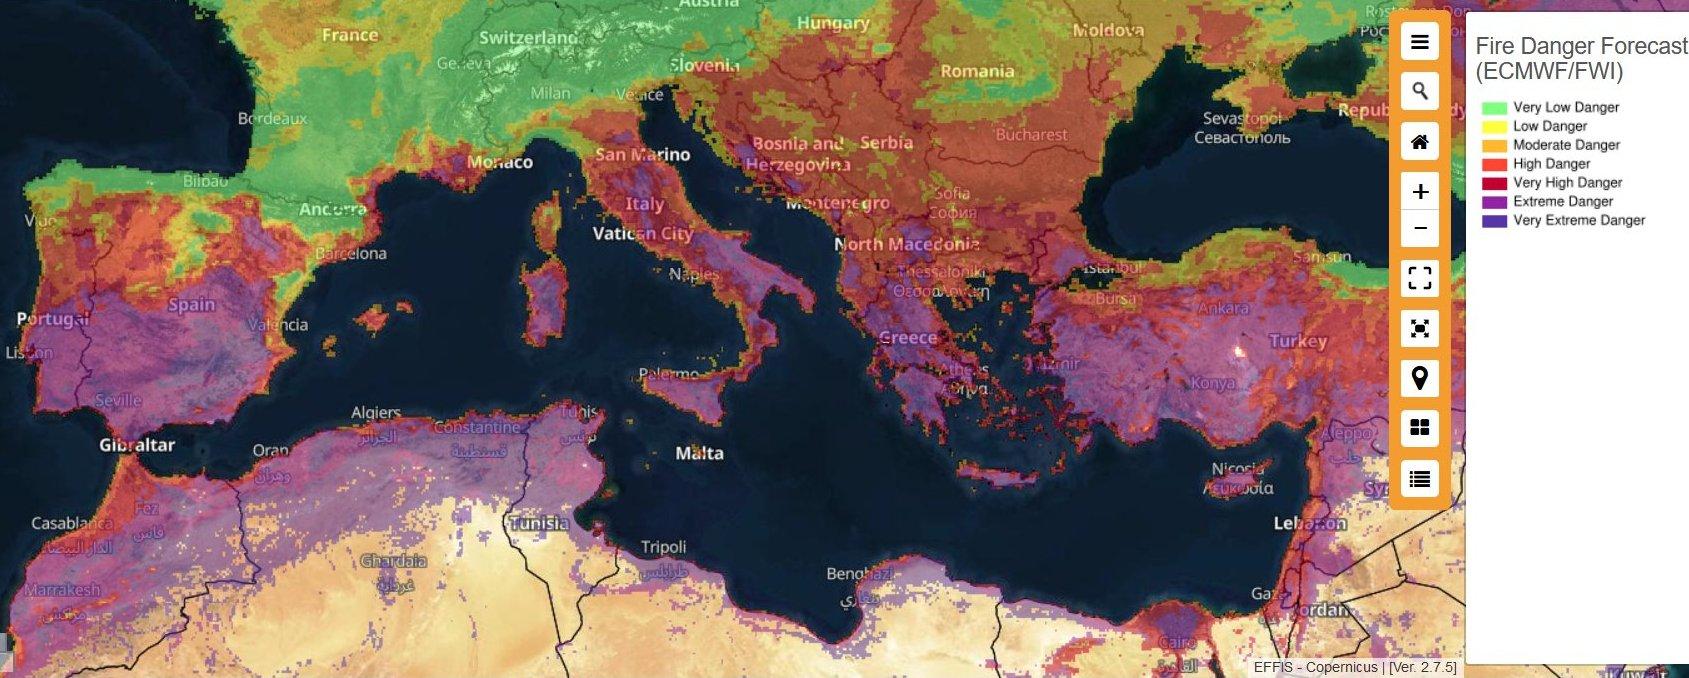 Горять турецькі курорти. Супутникові знімки масштабних лісових пожеж: фото з висоти 770 км